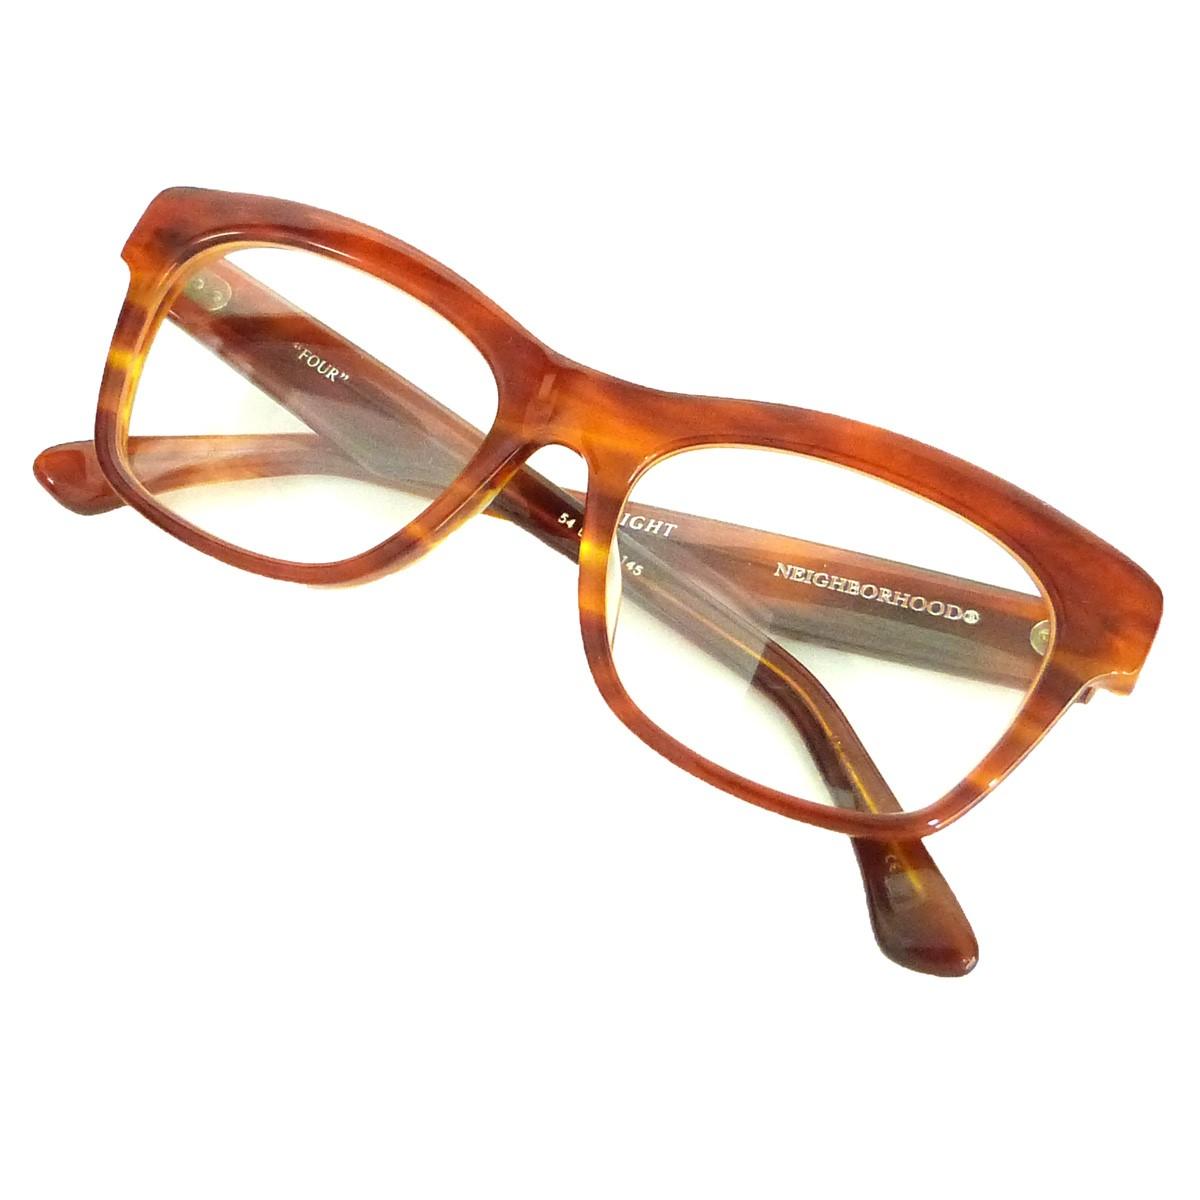 【中古】NEIGHBOR HOOD 12SS「FOUR/A-SHADE」眼鏡 ブラウン×レッドブラウン 【071119】(ネイバーフッド)